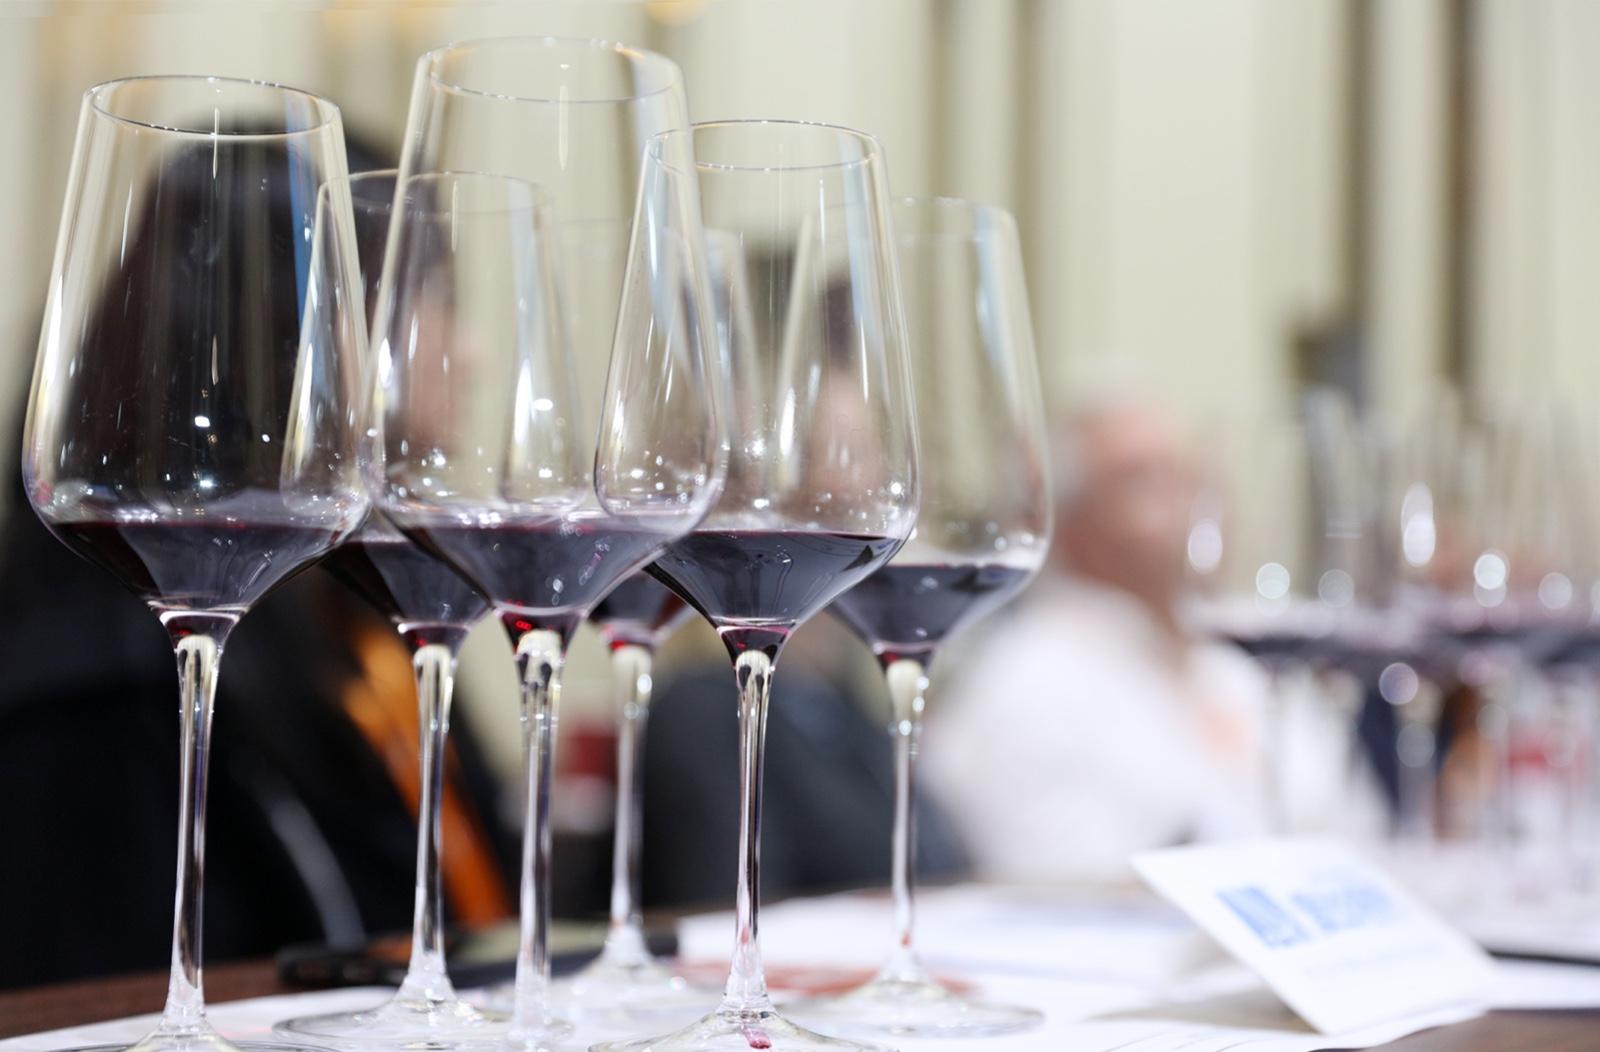 首个全球性葡萄酒教育计划将启动 超120余场活动将在中国举行